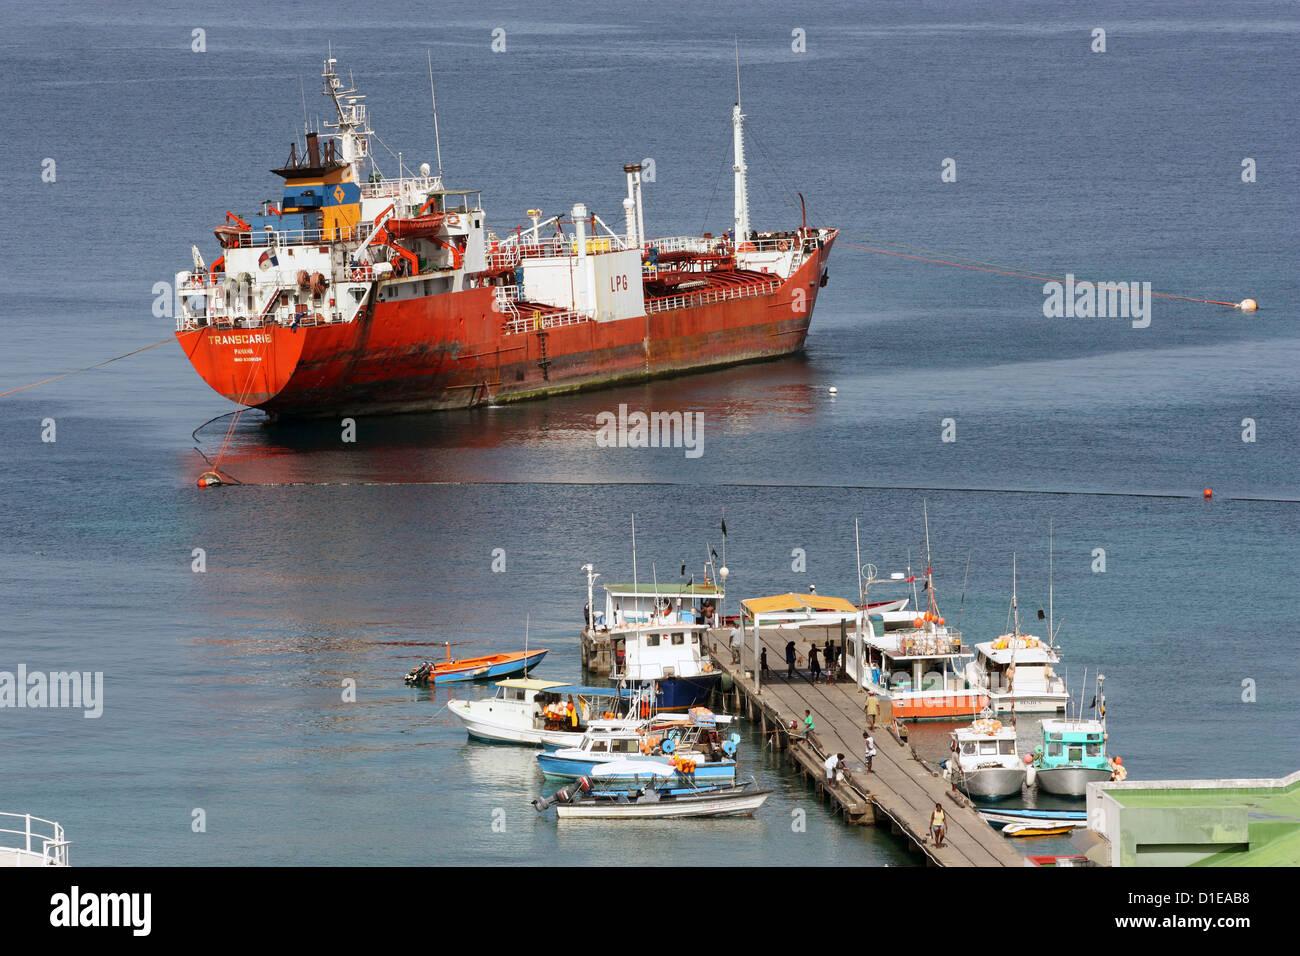 La Grenade. La baie de Grand Mal. Avis de navire-citerne de carburant à l'étranger. Photo Stock